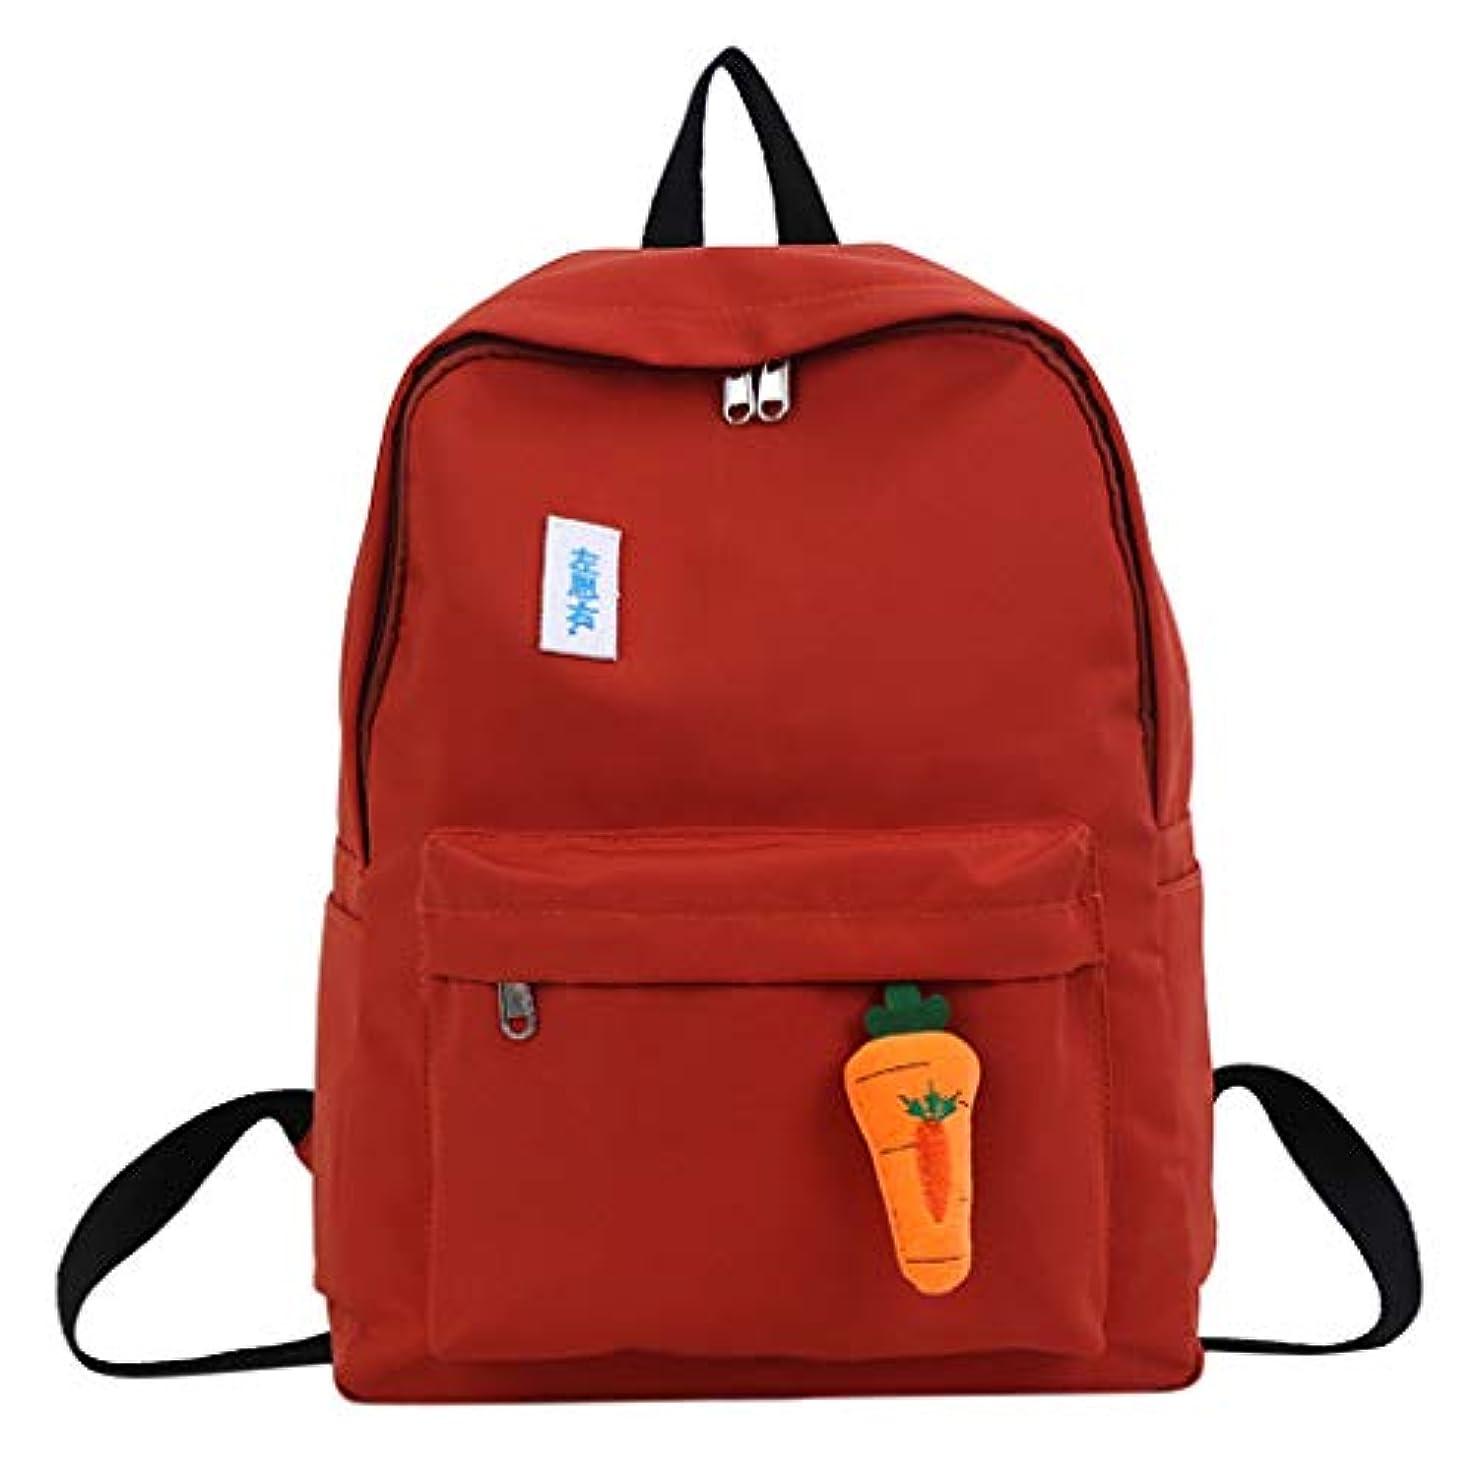 パーツみすぼらしい盟主女子学生カジュアルファッションシンプルなバックパック軽量キャンバスバックパックガールズ屋外大容量かわいいヴィンテージバッグ